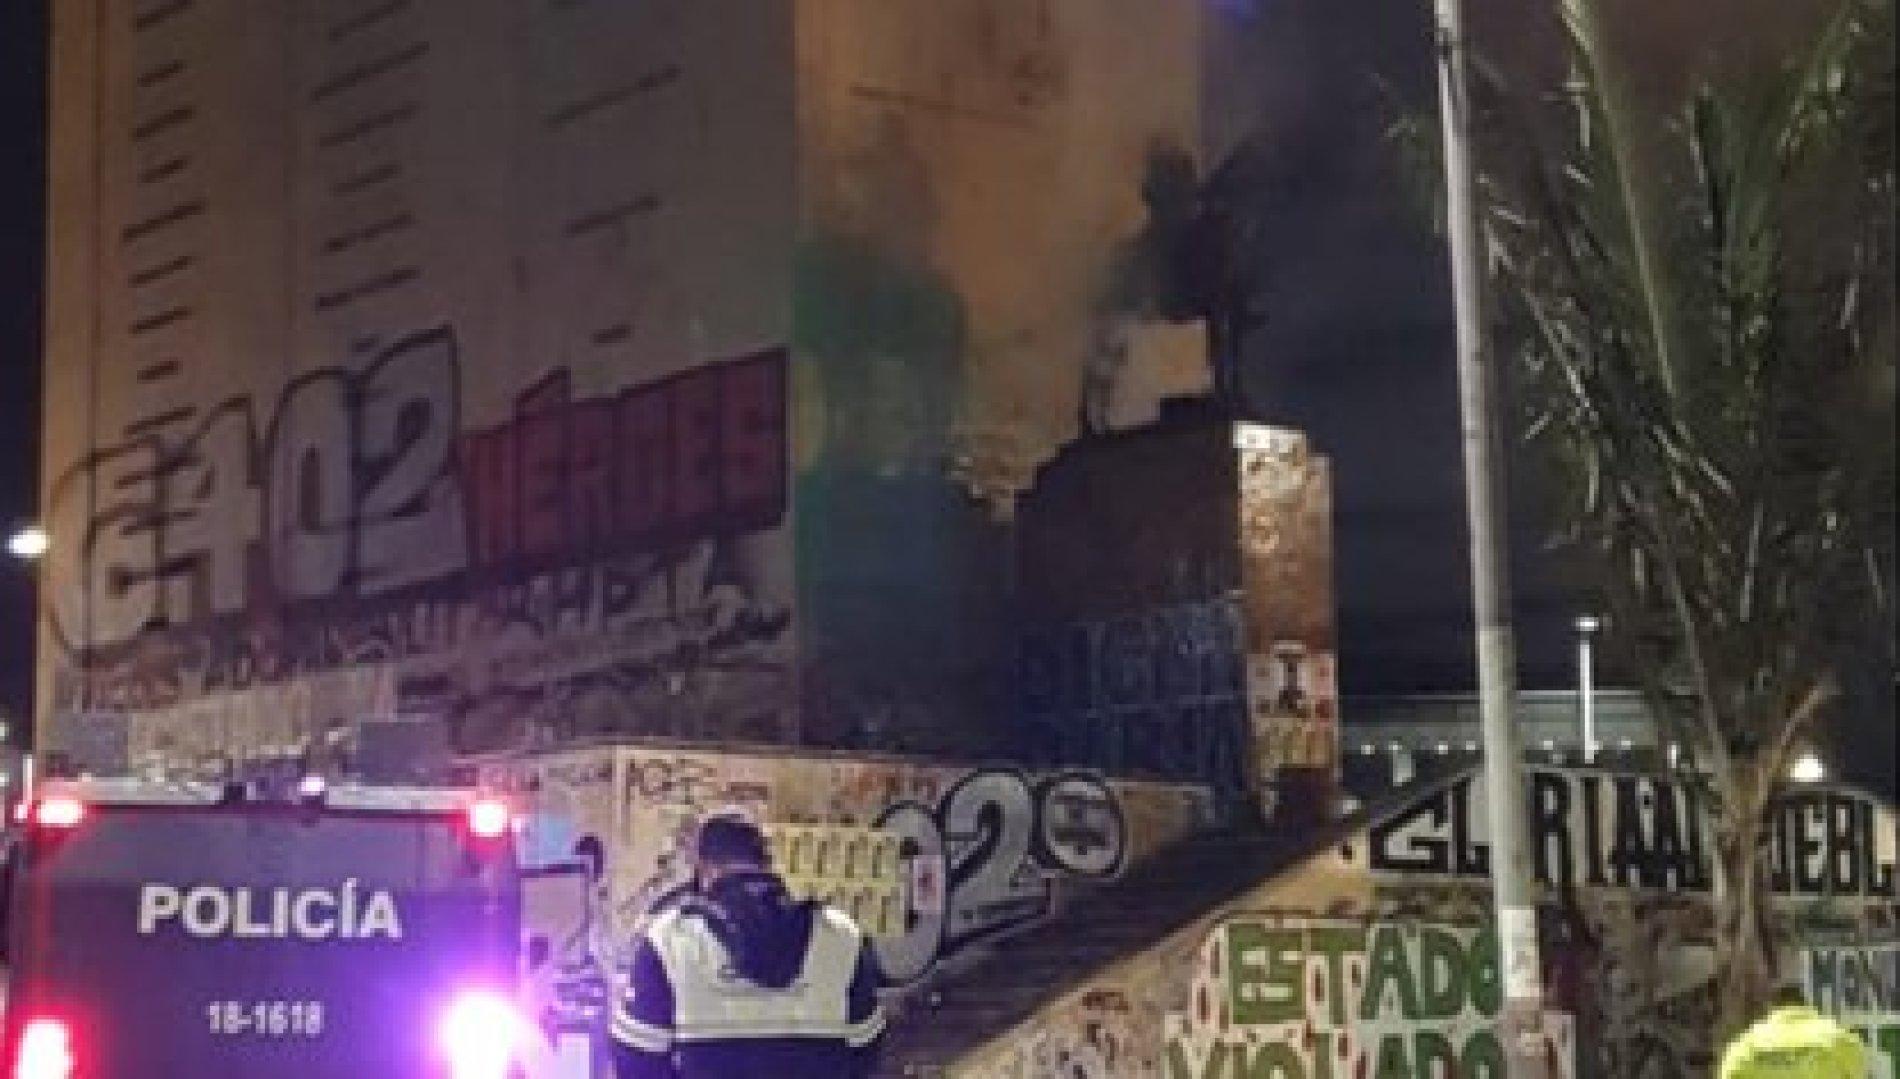 En las primeras fotografías de la escultura, luego del intento de quema, no se observa que haya sufrido daños de consideración. Foto: Secretaría de Gobierno de Bogotá